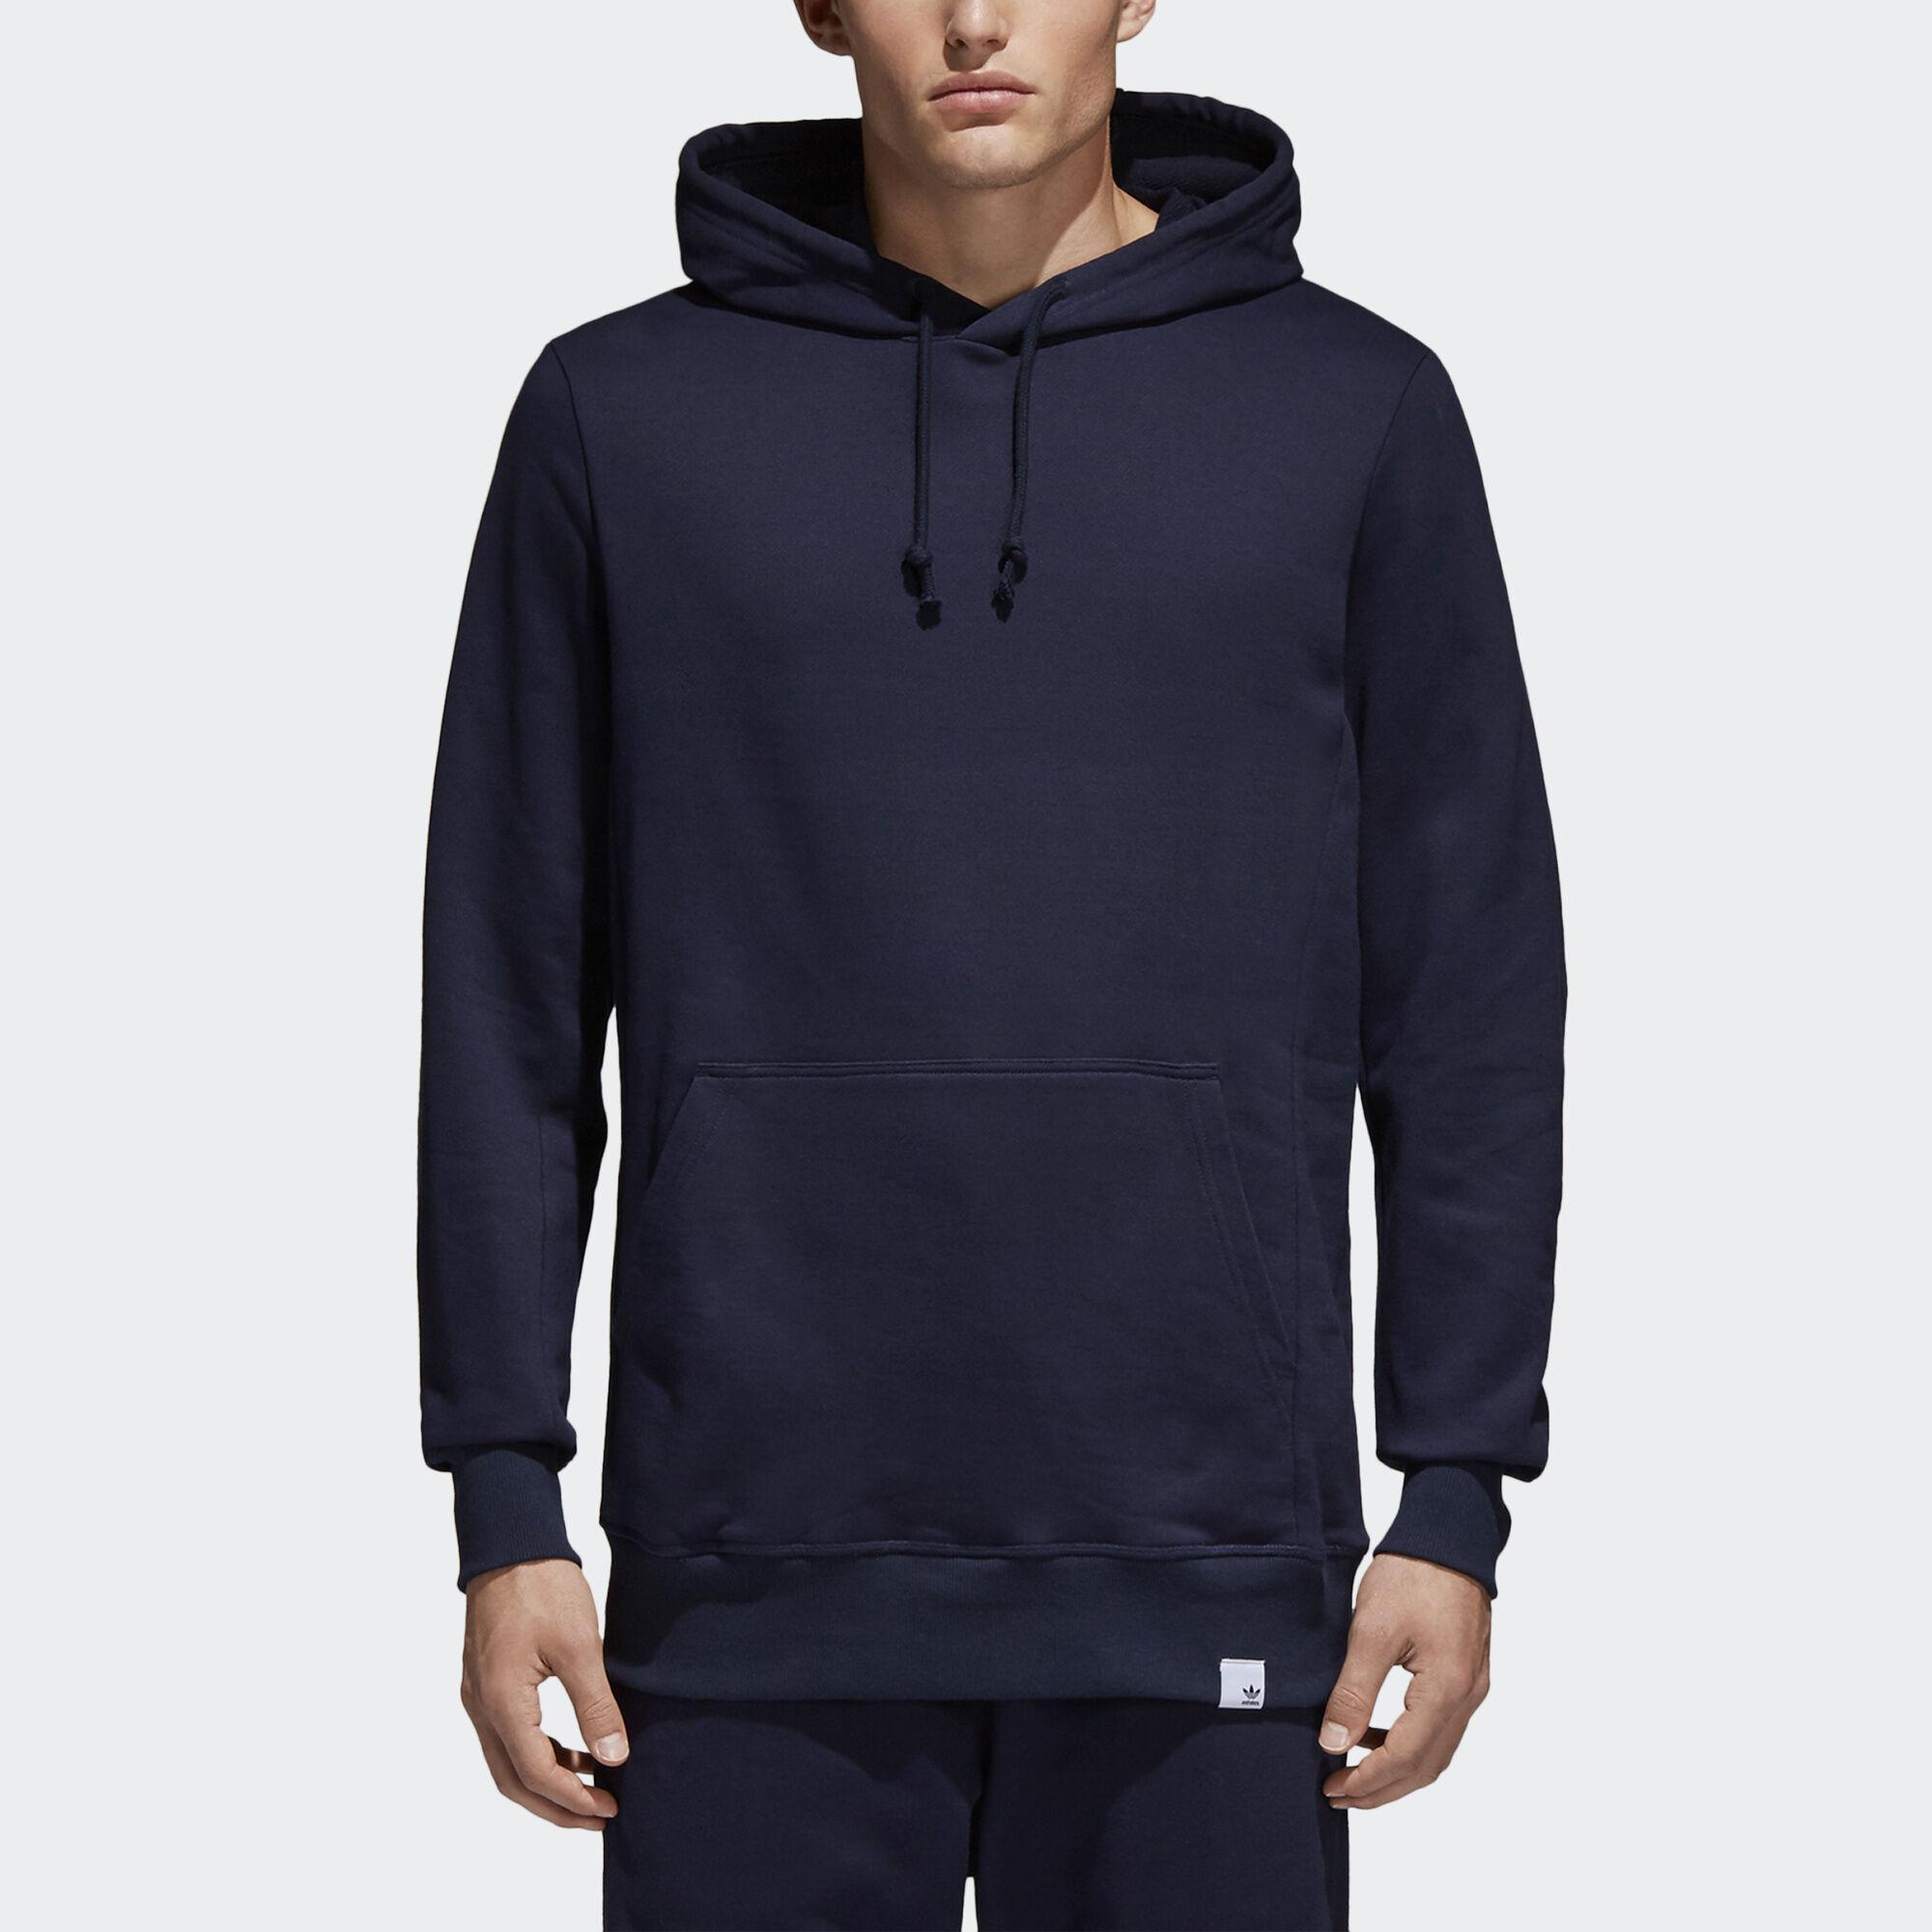 adidas superstar hoodie